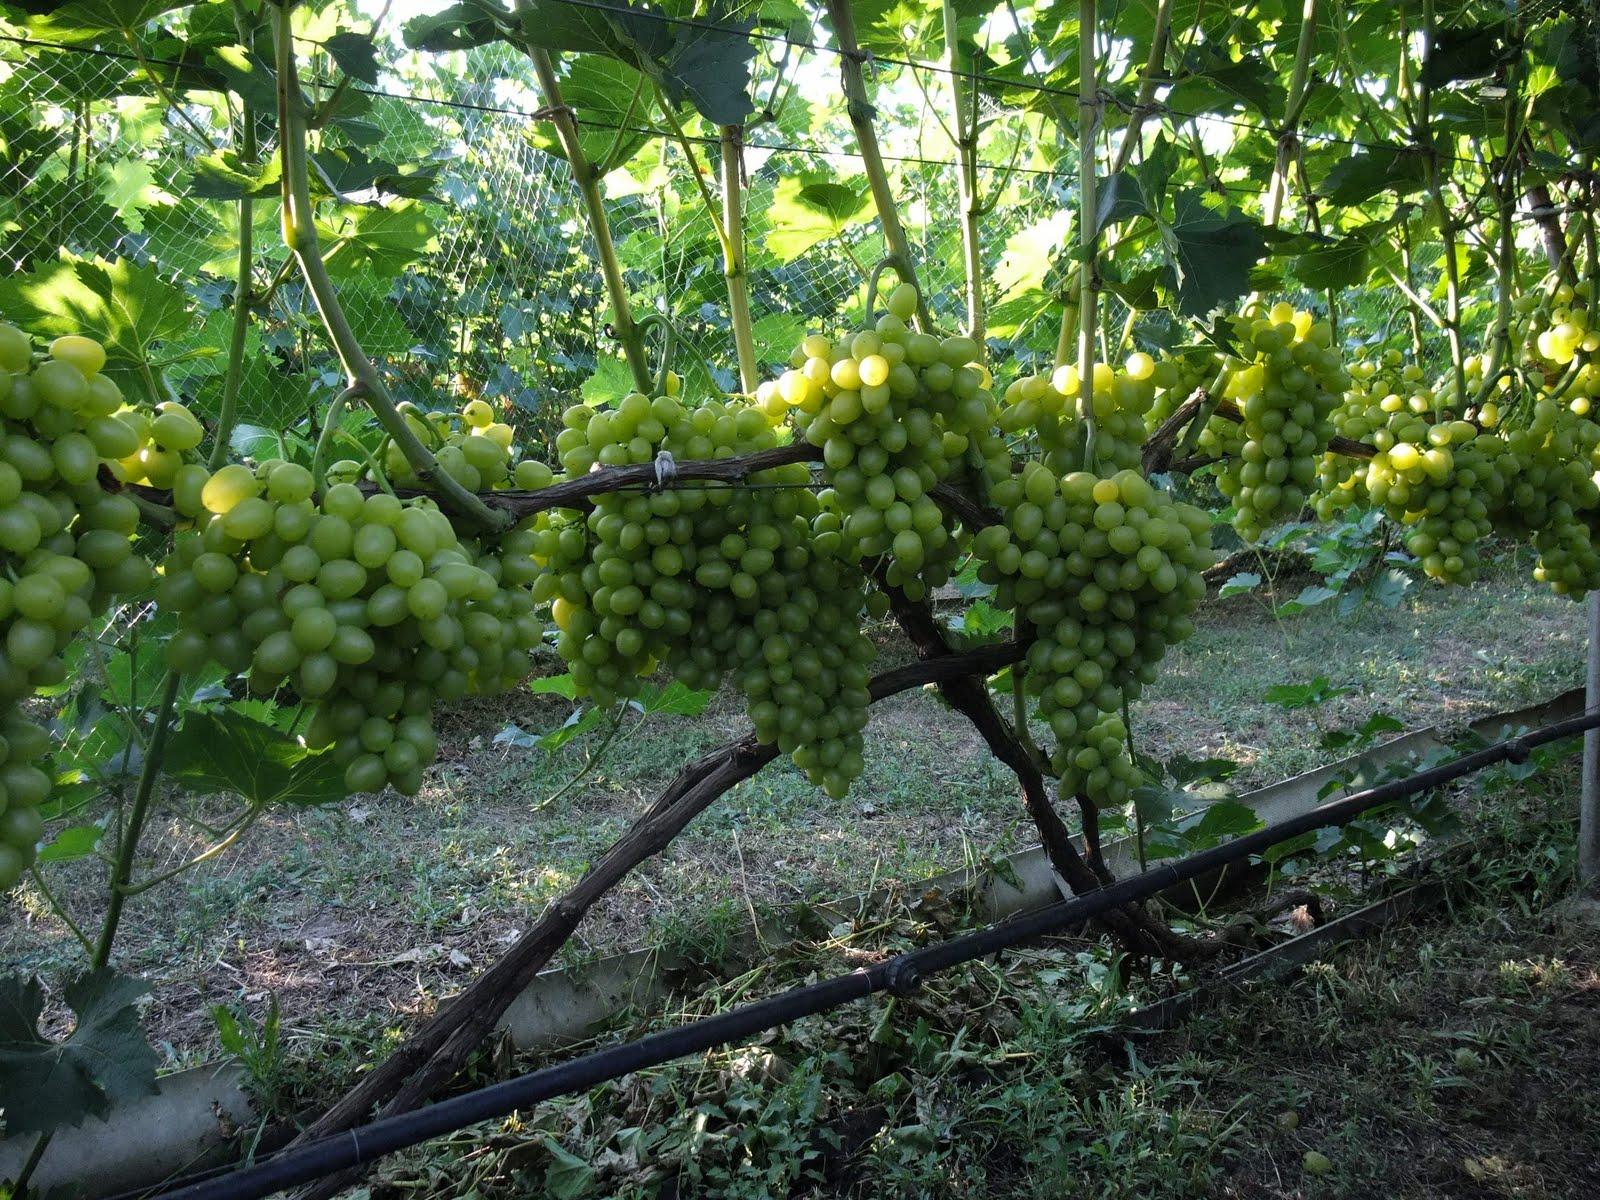 Выращивание тепличного винограда: секреты технологии